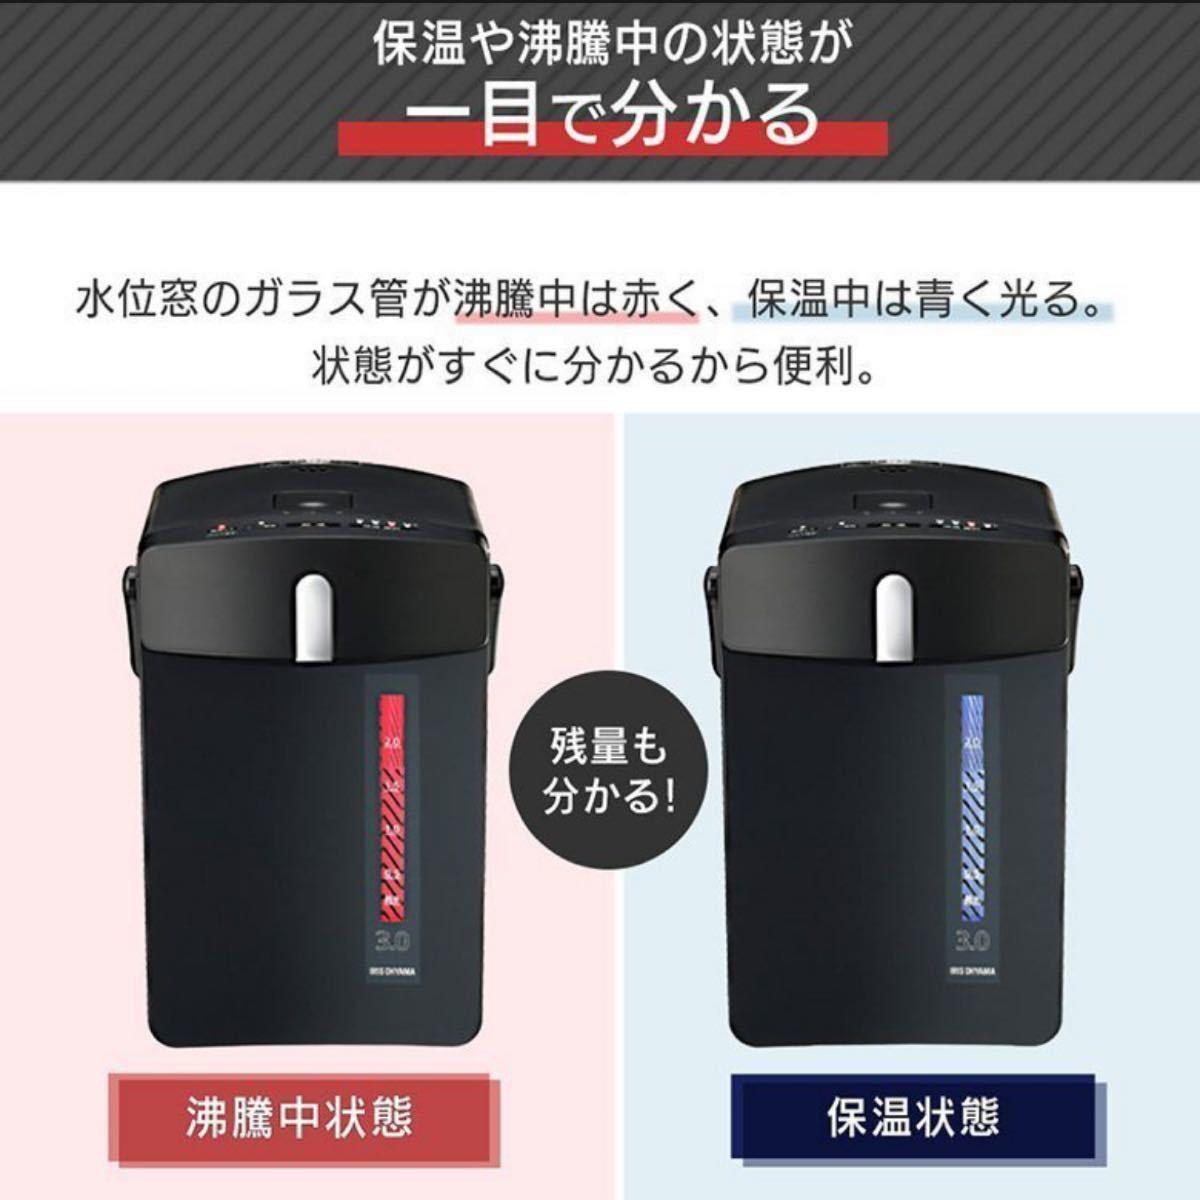 電気ポット 保温付き おしゃれ 保温 人気 3リットル 3L 保温機能付き おすすめ シンプル ジャーポット